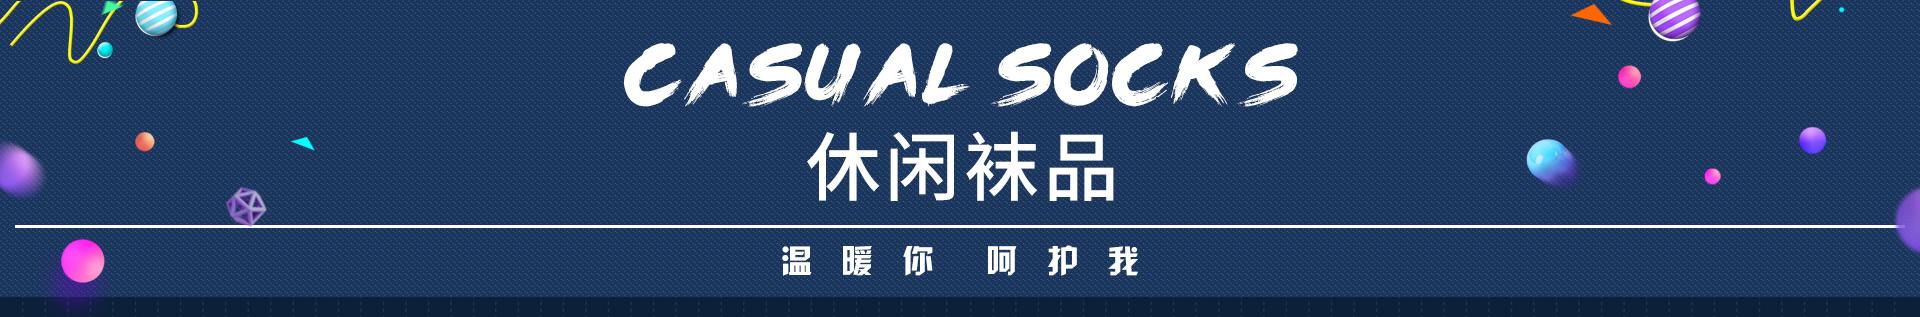 js35123.com金沙